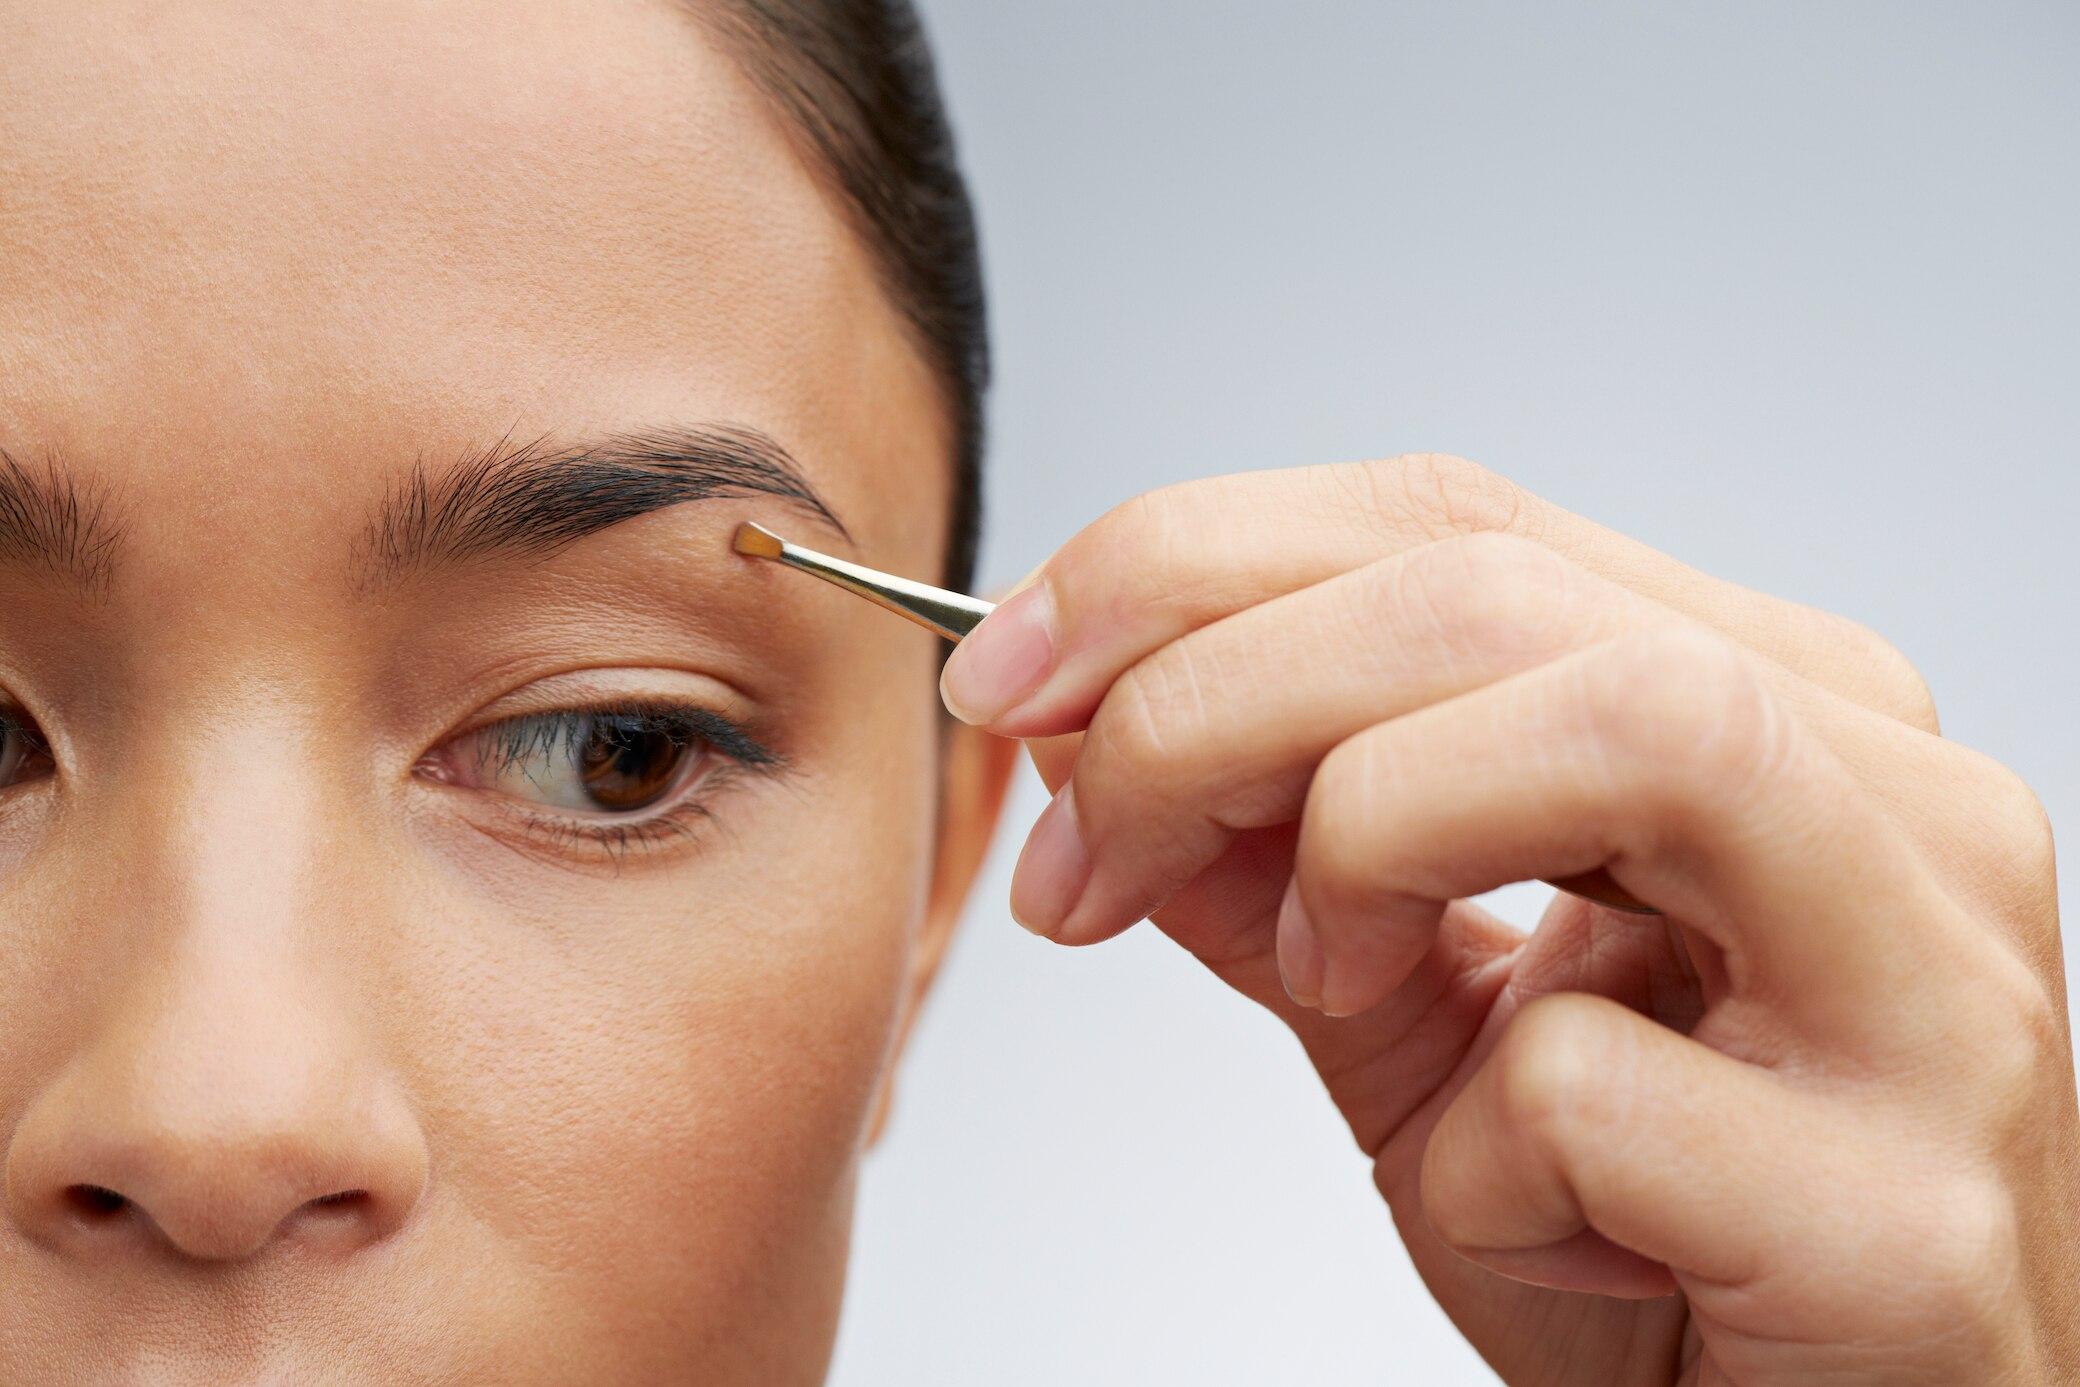 Augenbrauen-zupfen-Wimpern-kleben-Gebogen-rund-spitz-welche-Pinzette-eignet-sich-wof-r-